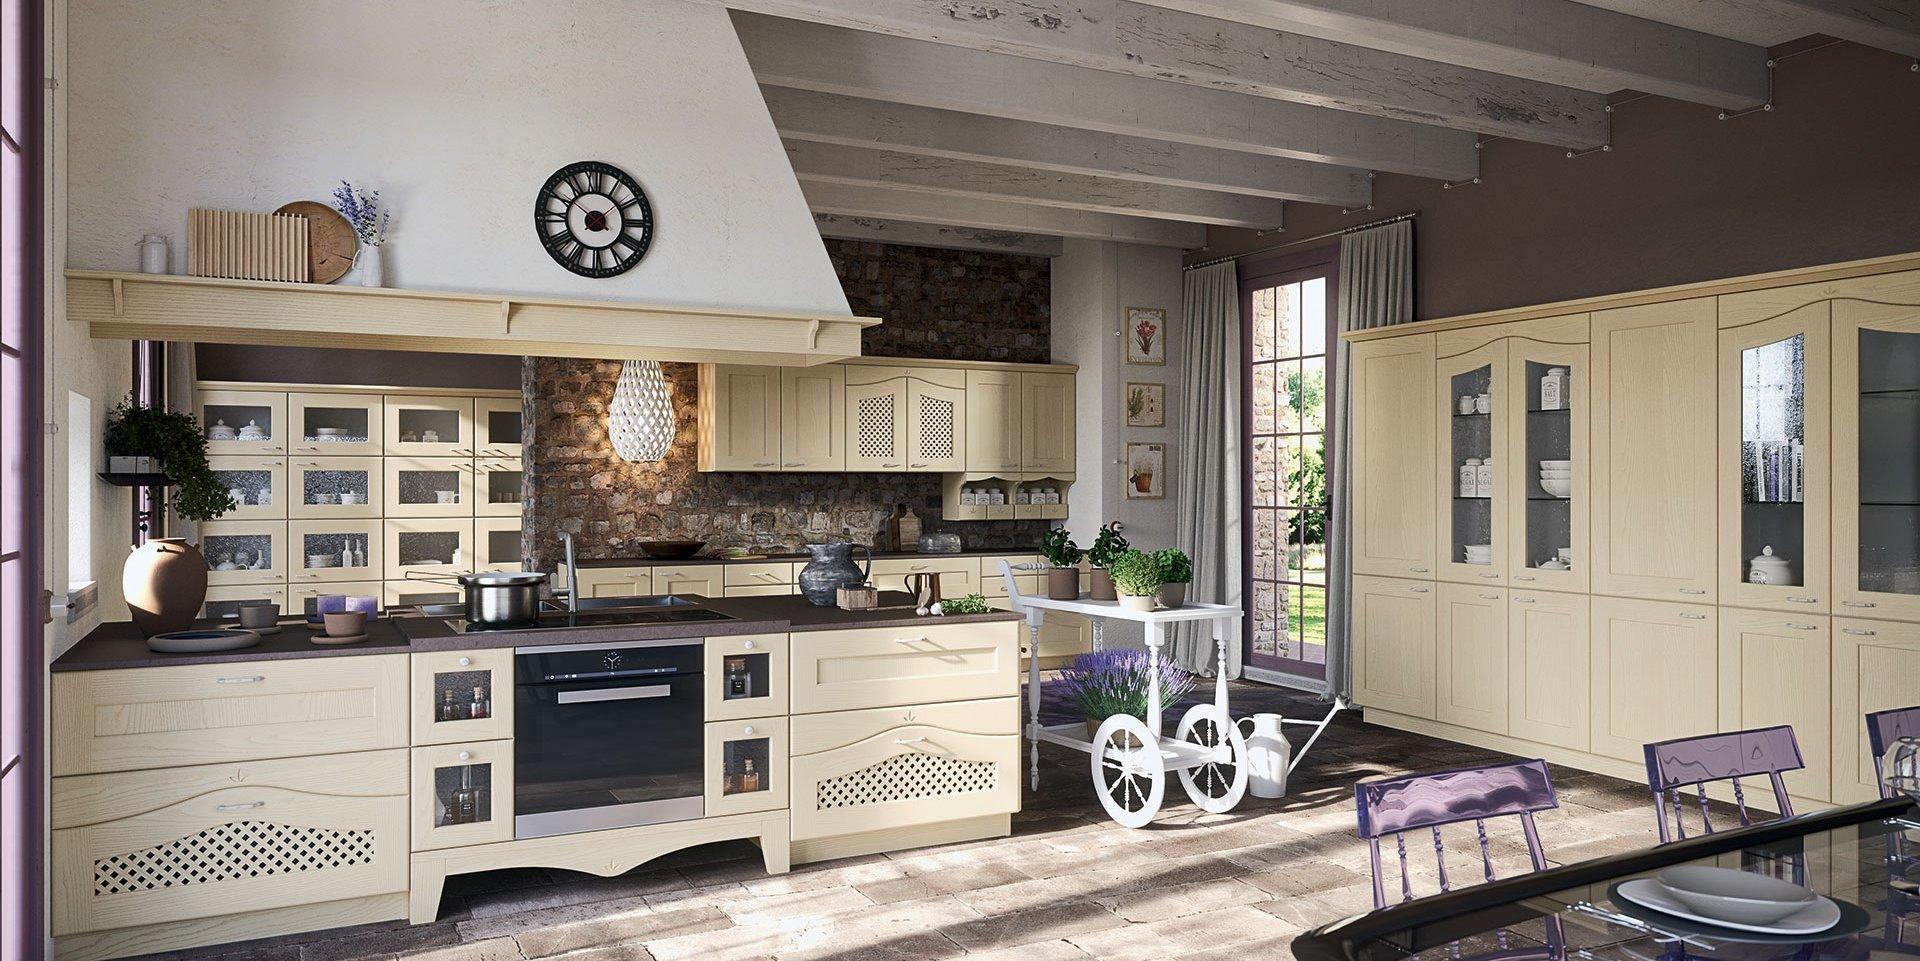 ZEBRANO Cocinas Coruña | Muebles a Medida y Electrodomésticos